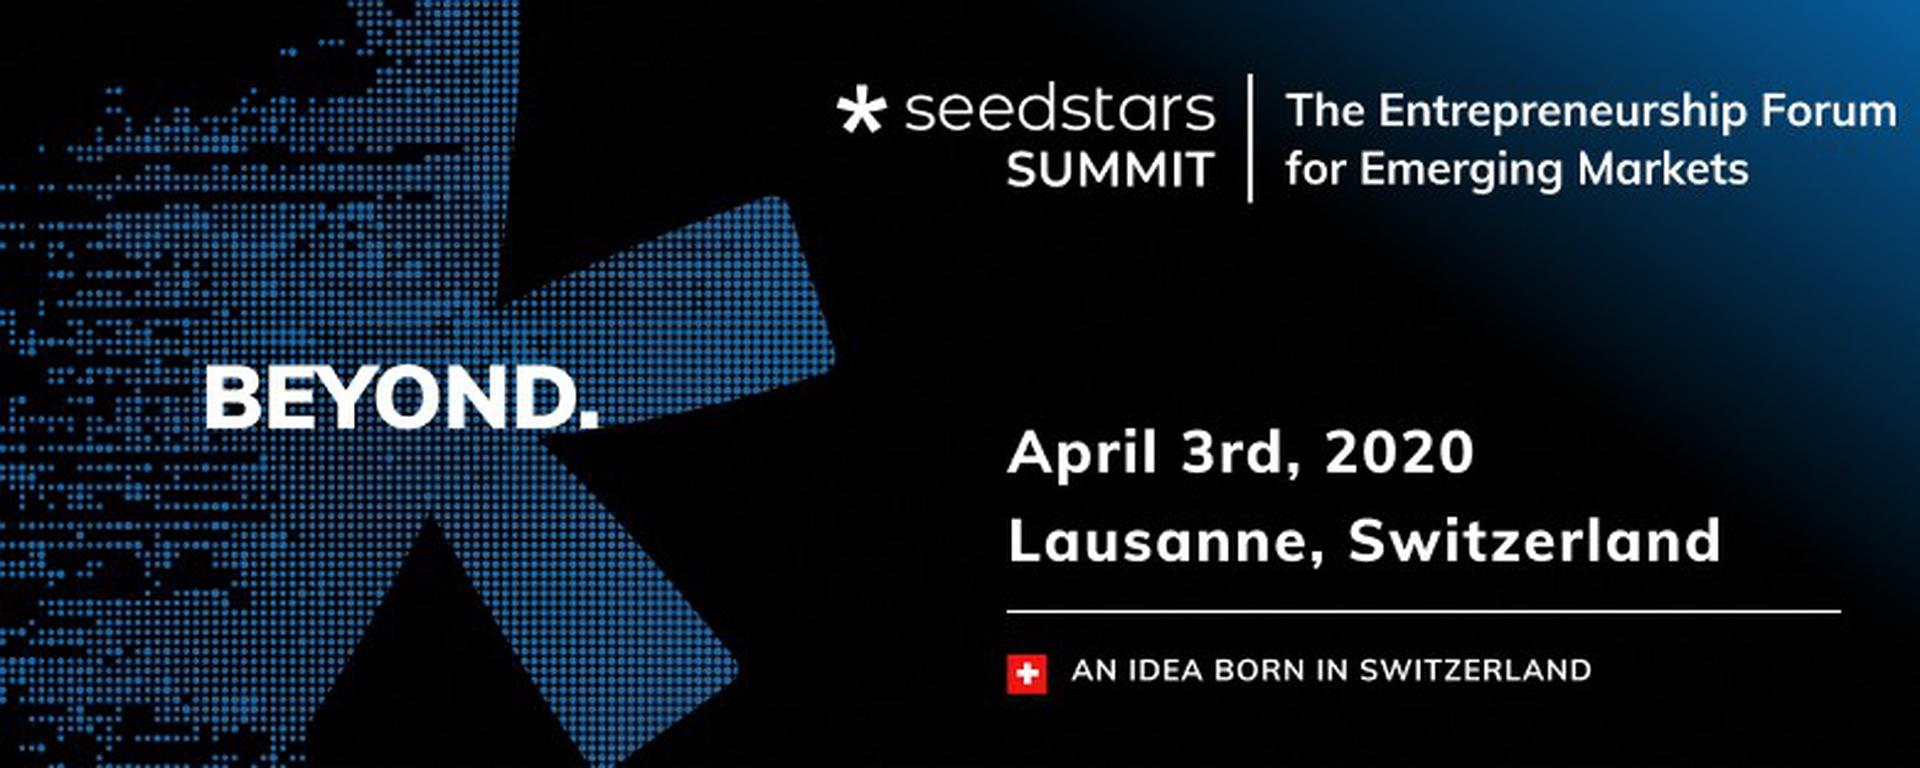 Seedstars - Seedstars Summit 2020 Movemeback African event cover image